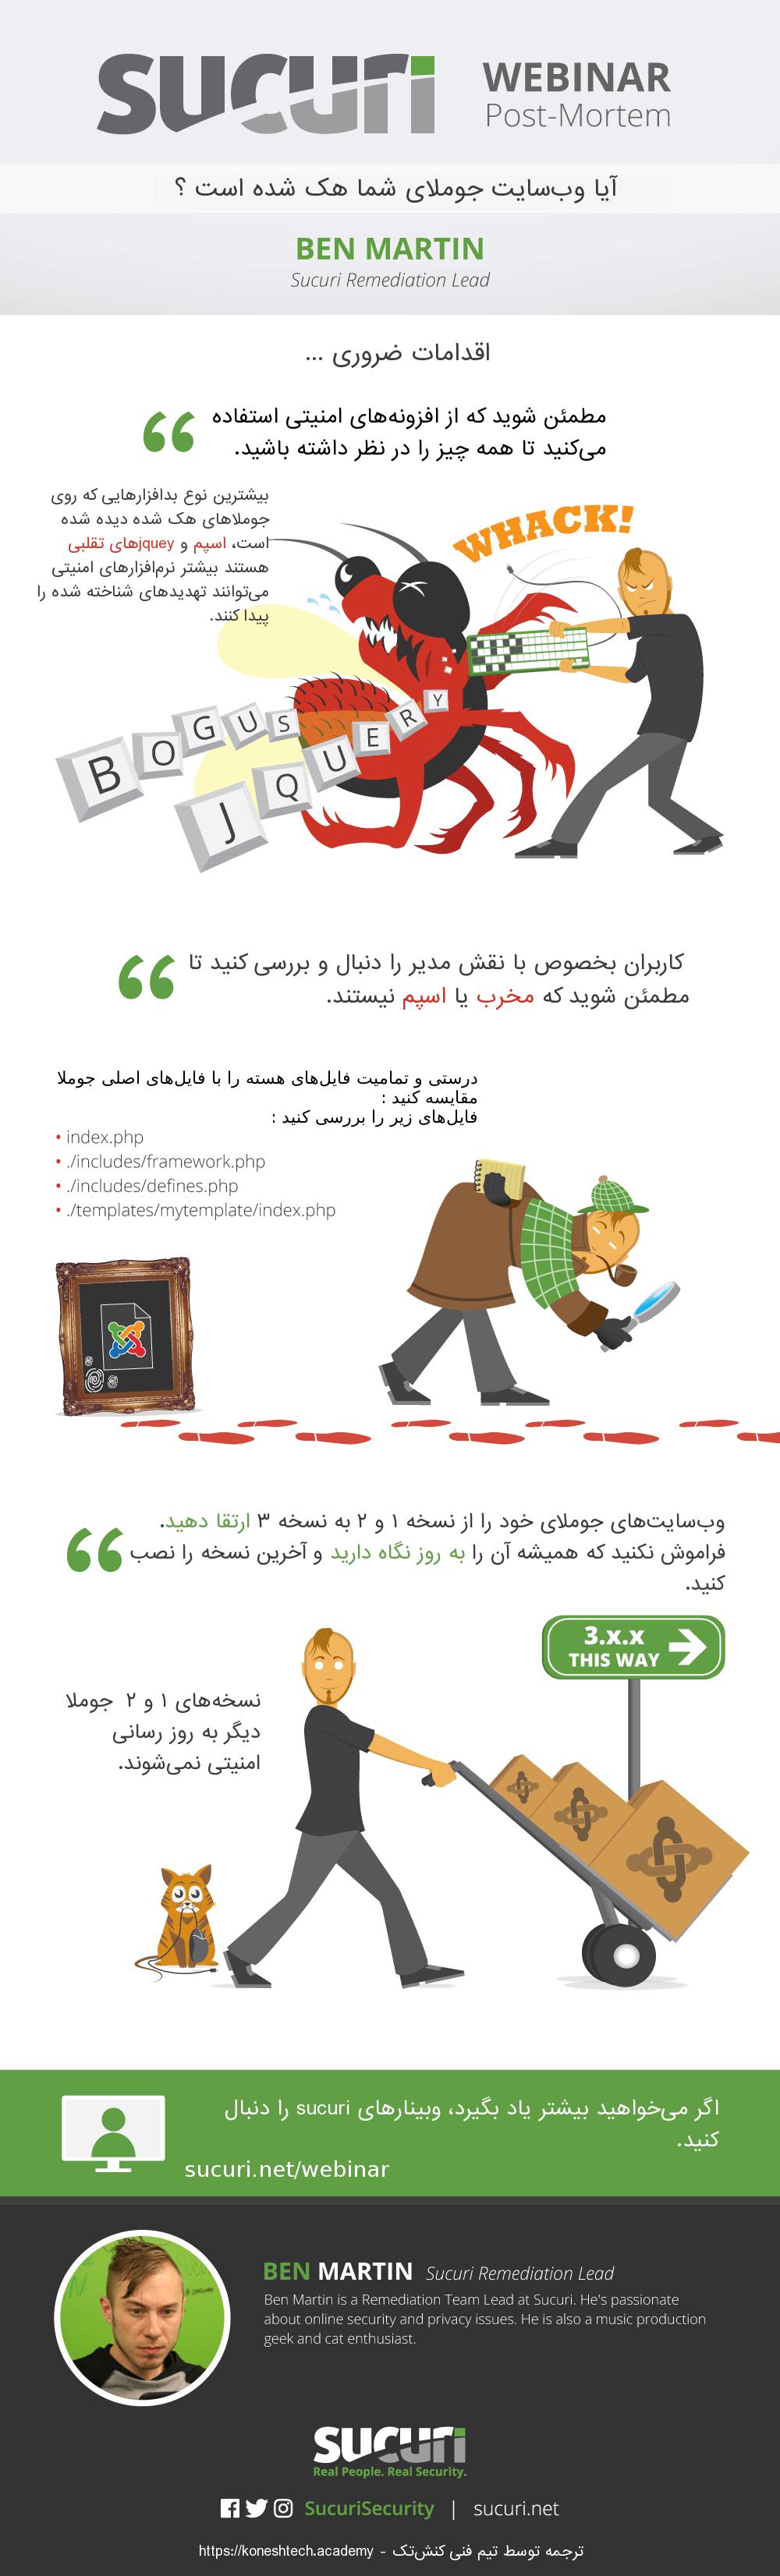 اینفوگرافیک اقدامات ضروری بعد از هک شدن وبسایت جوملا